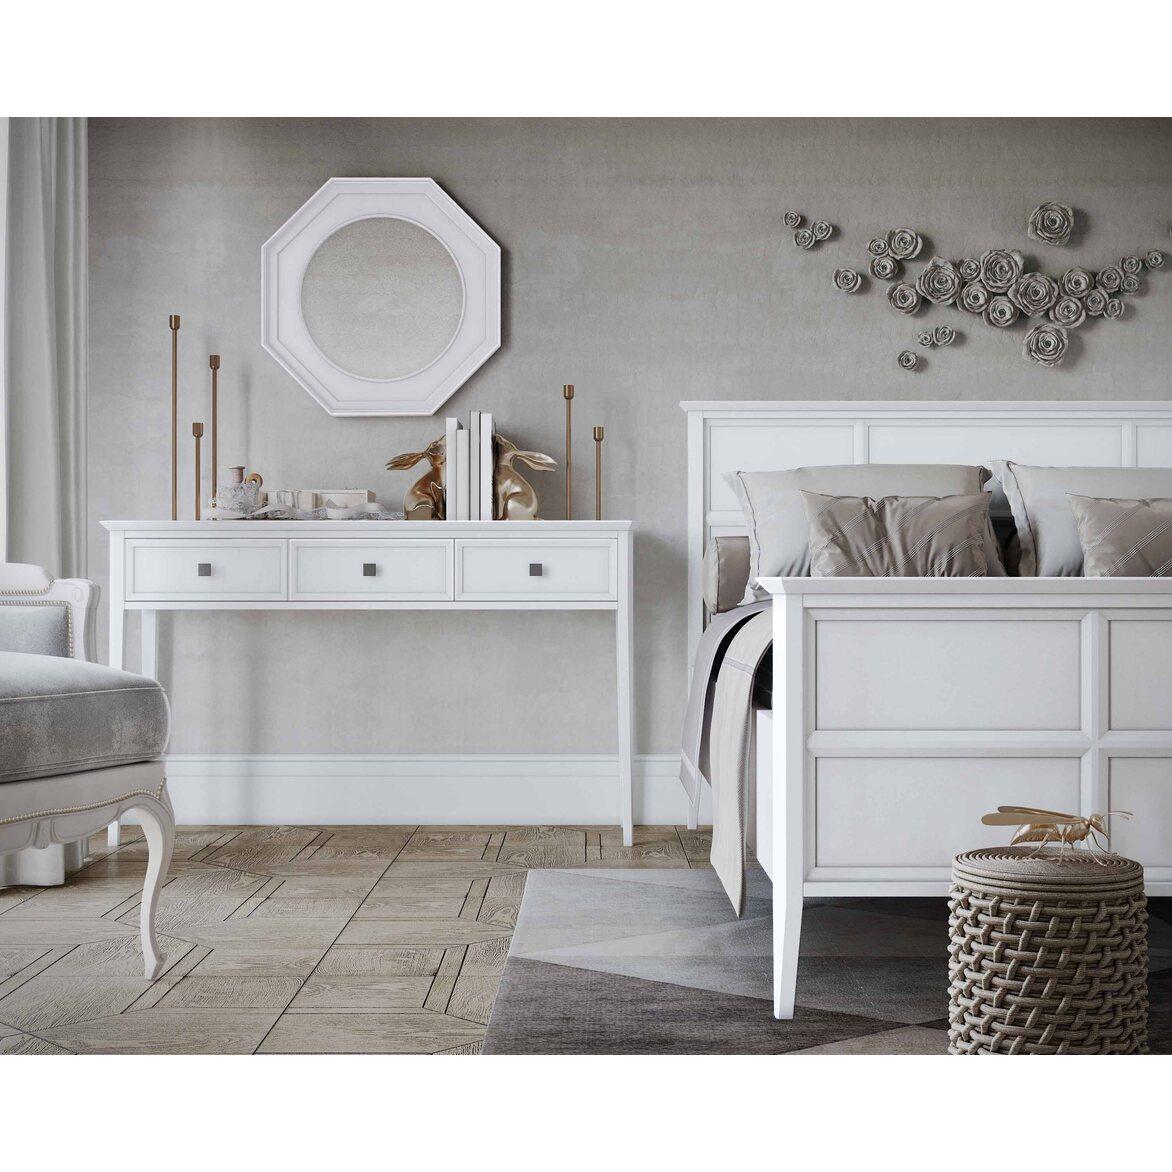 Кровать Ellington, белая, с изножьем 5 | Двуспальные кровати Kingsby